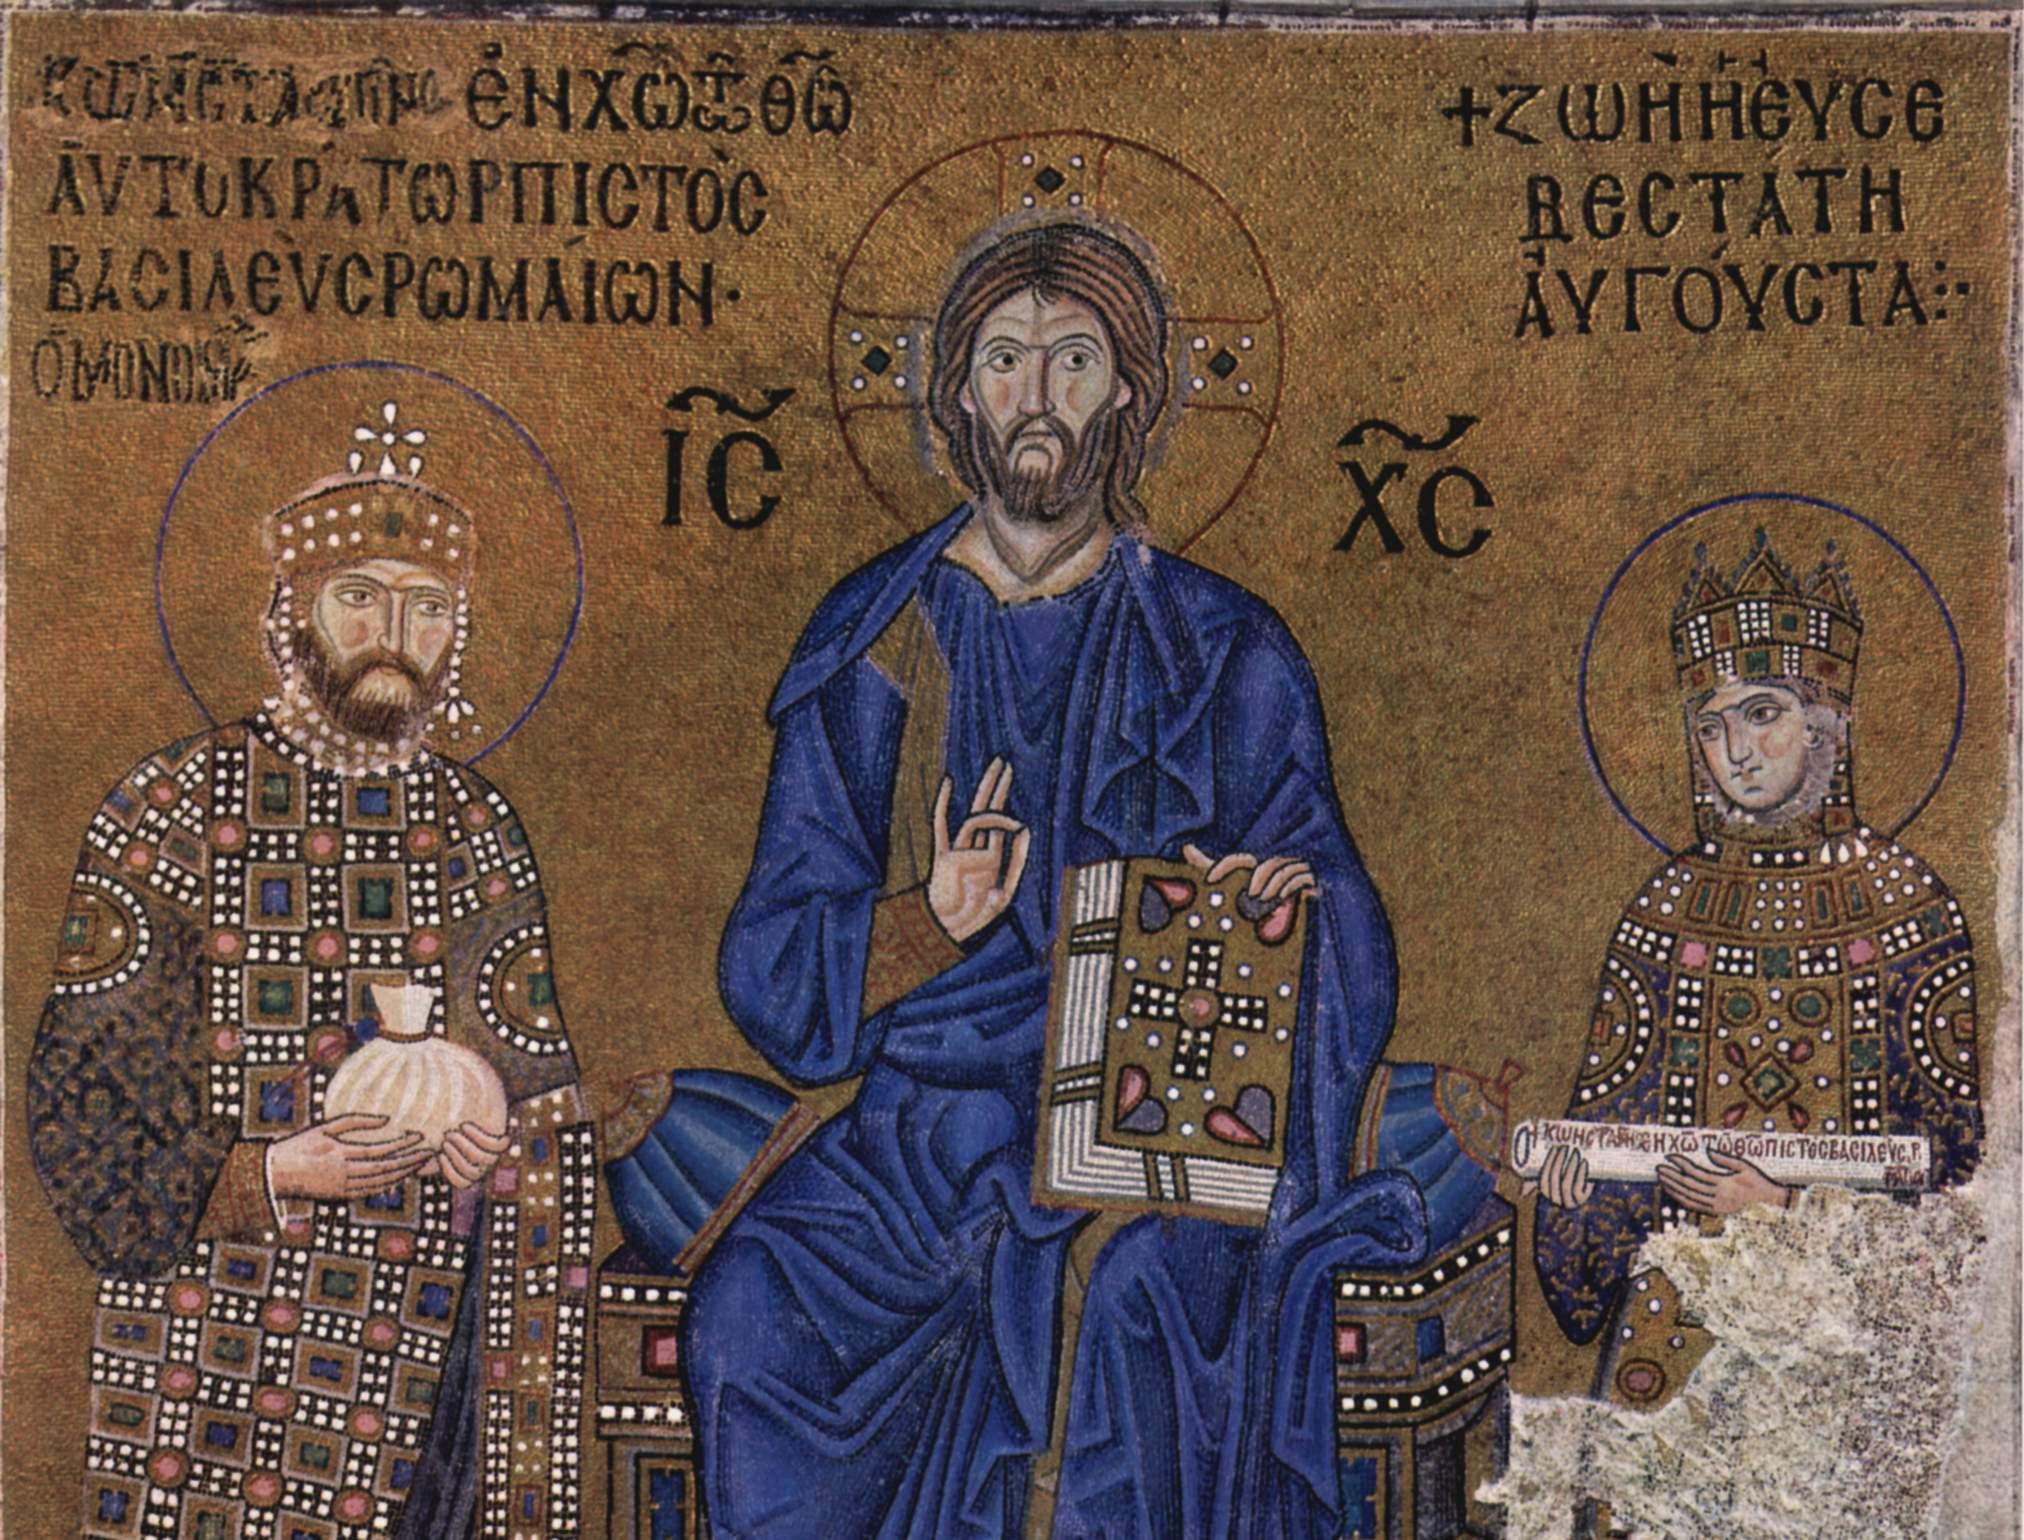 http://dic.academic.ru/pictures/wiki/files/98/byzantinischer_mosaizist_um_1020_001.jpg